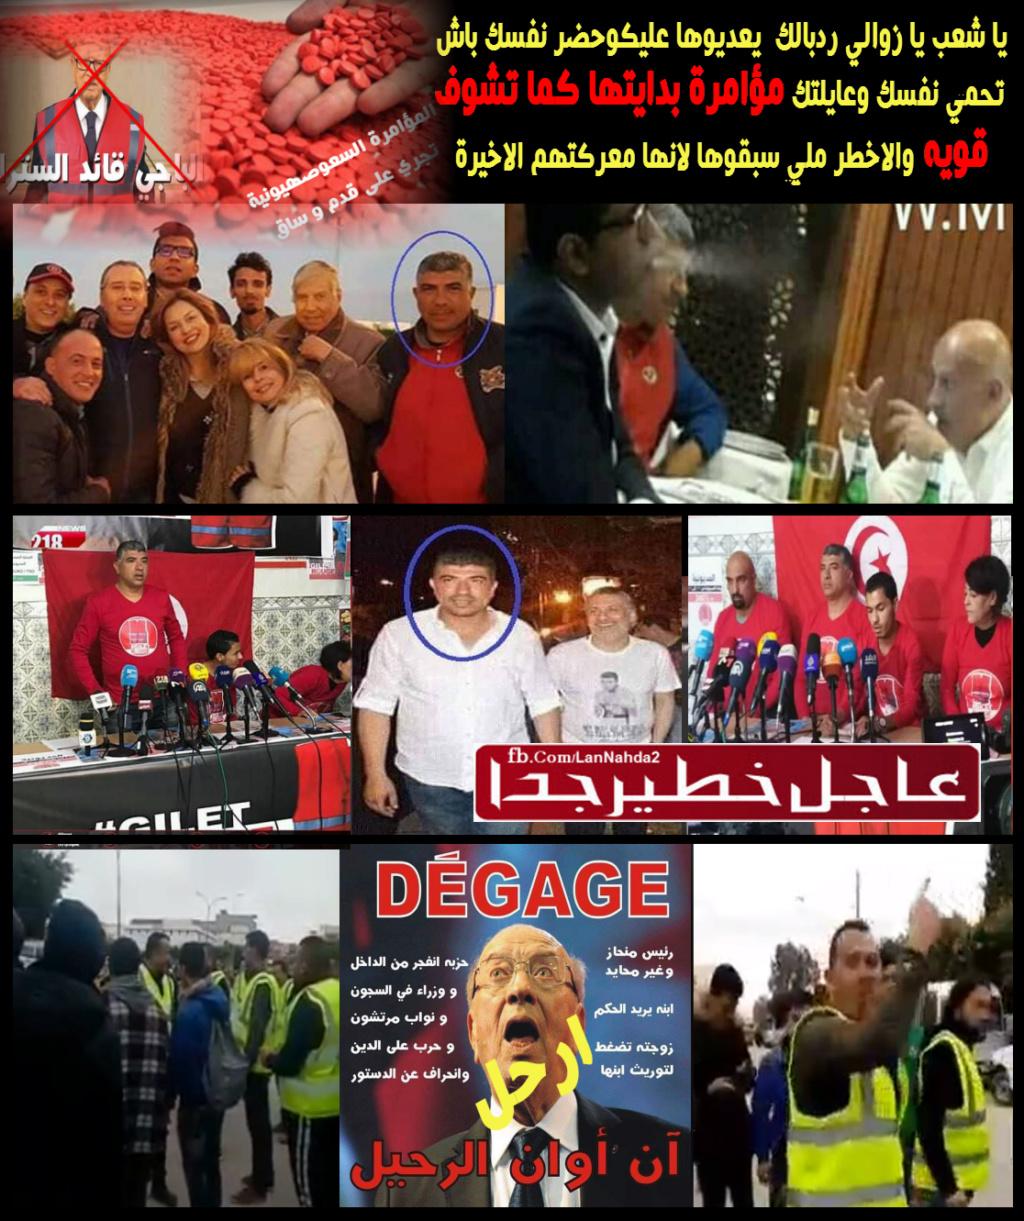 عـــــــــــــــــاجل تــــــــــــونس - صفحة 14 16-12-10